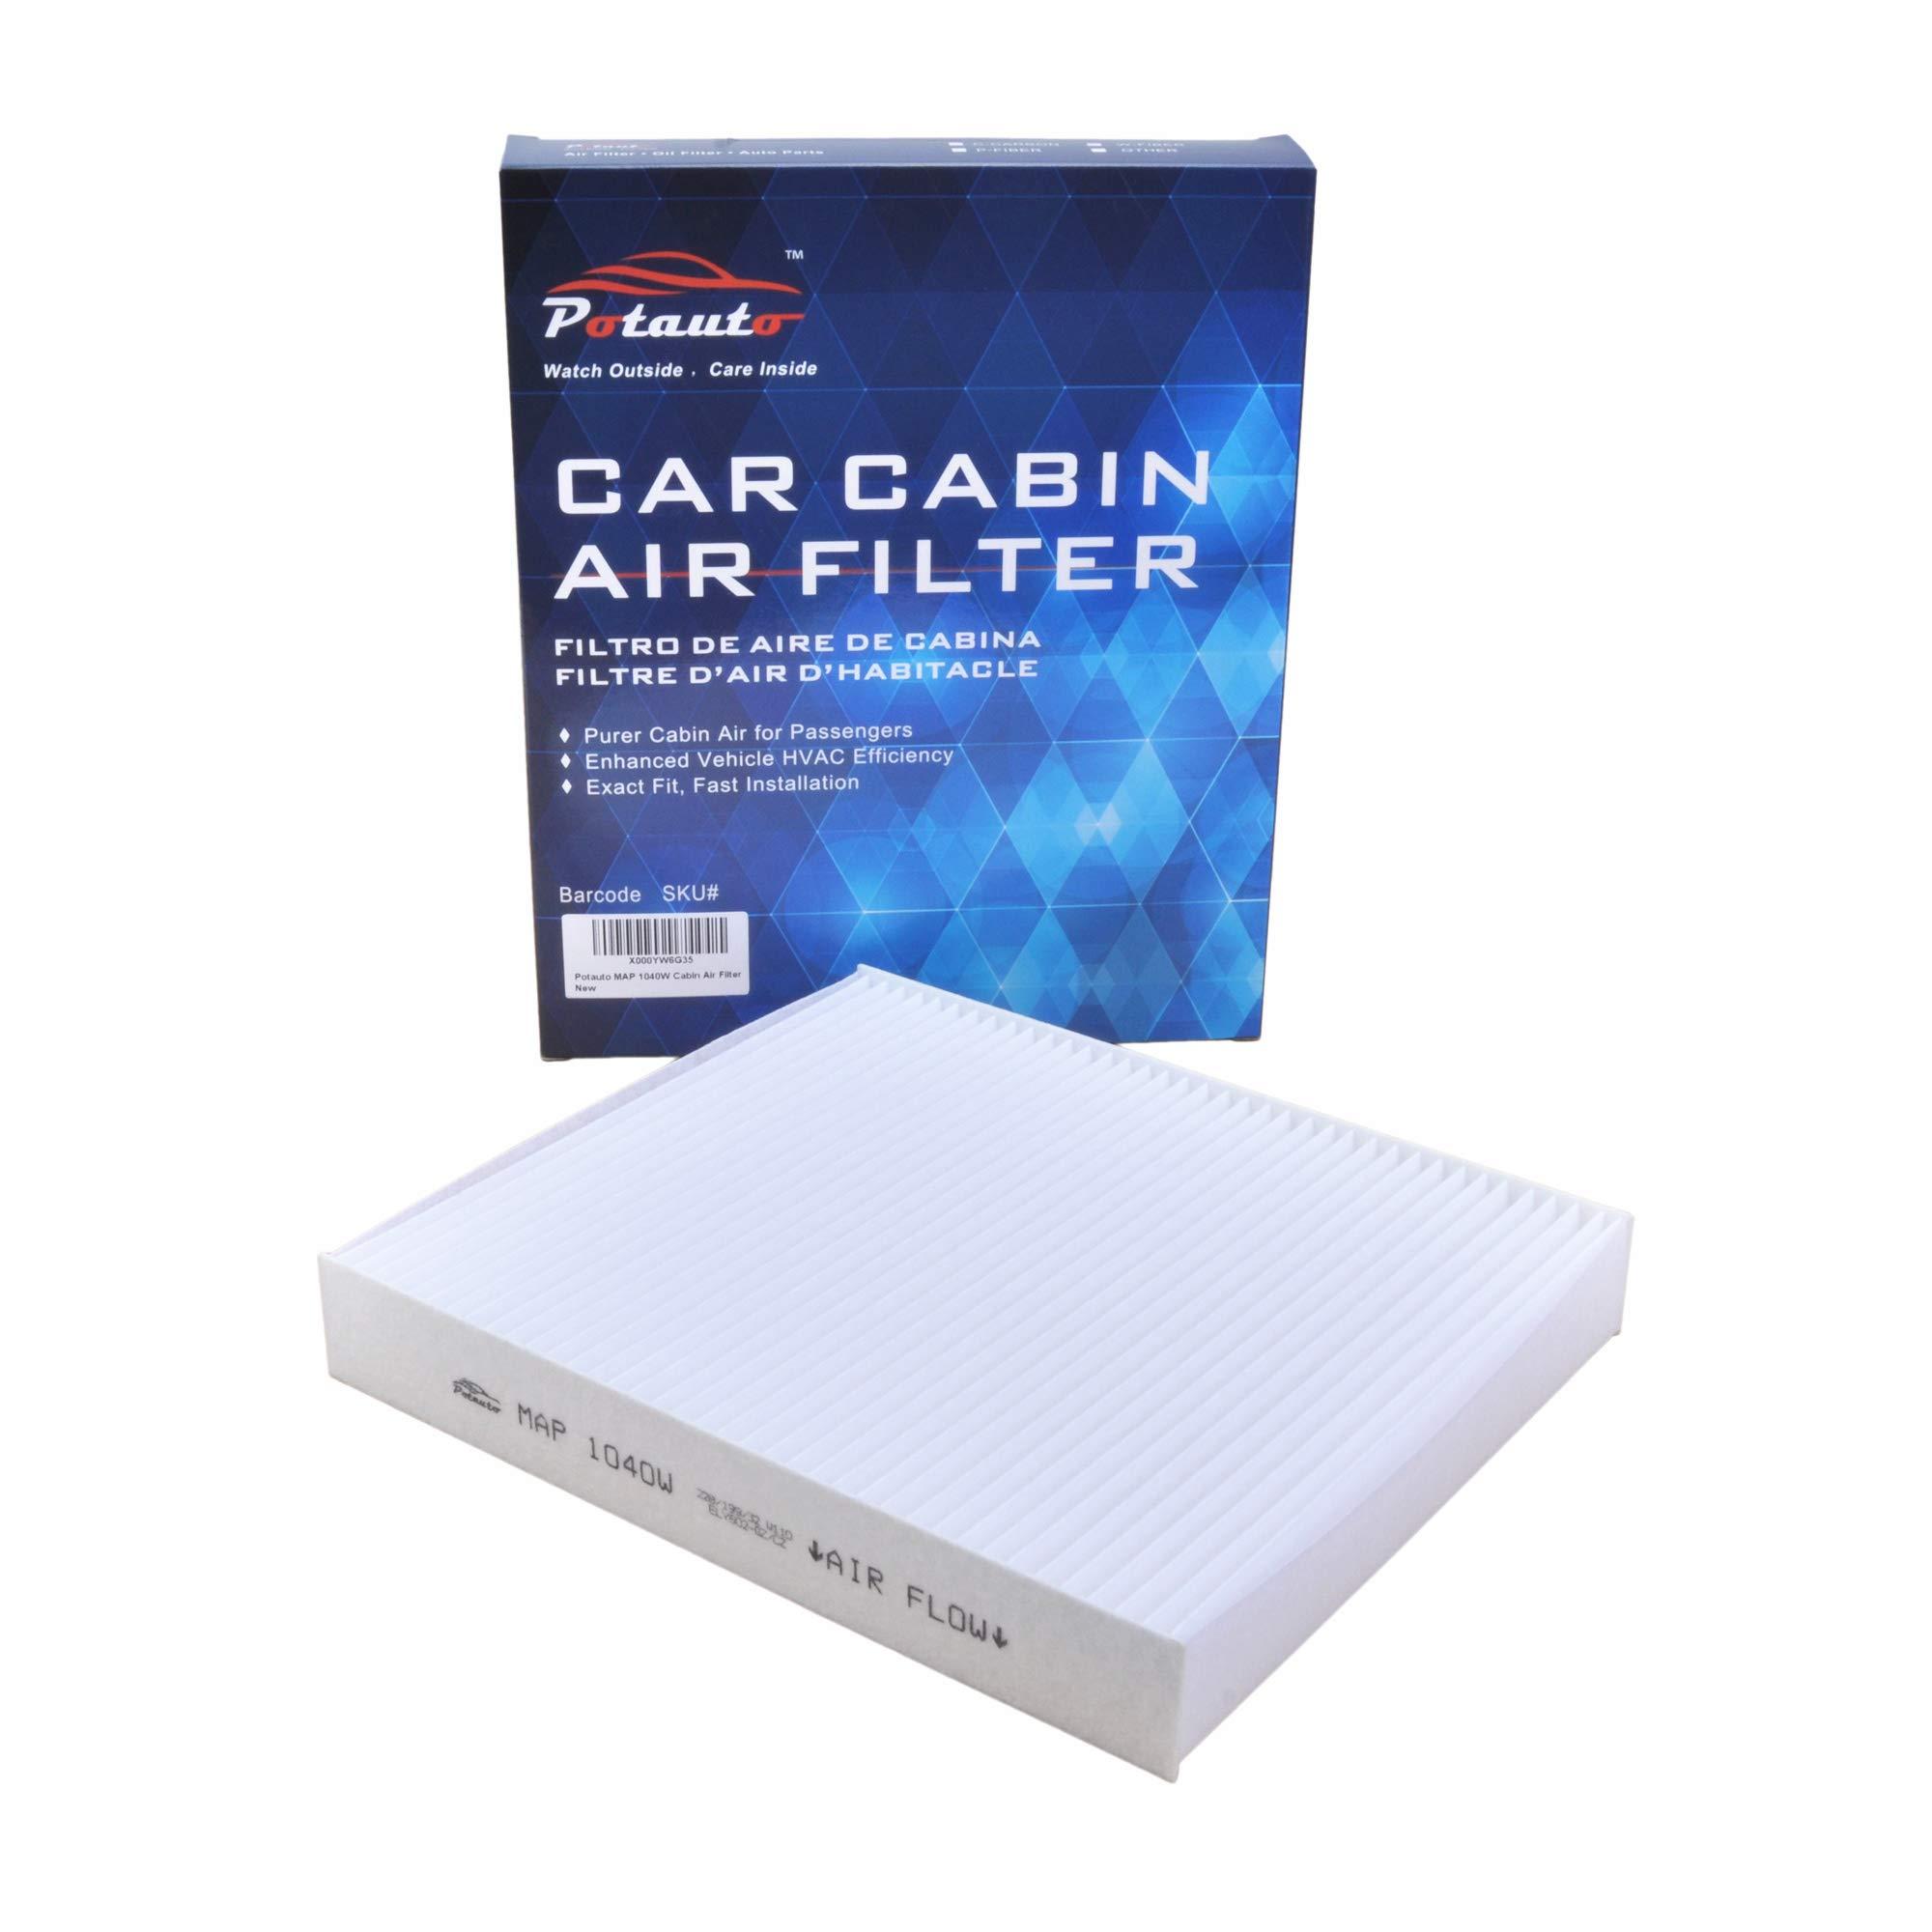 C25870 DODGE CABIN AIR FILTER FOR DODGE GRAND CARAVAN 2008-2016